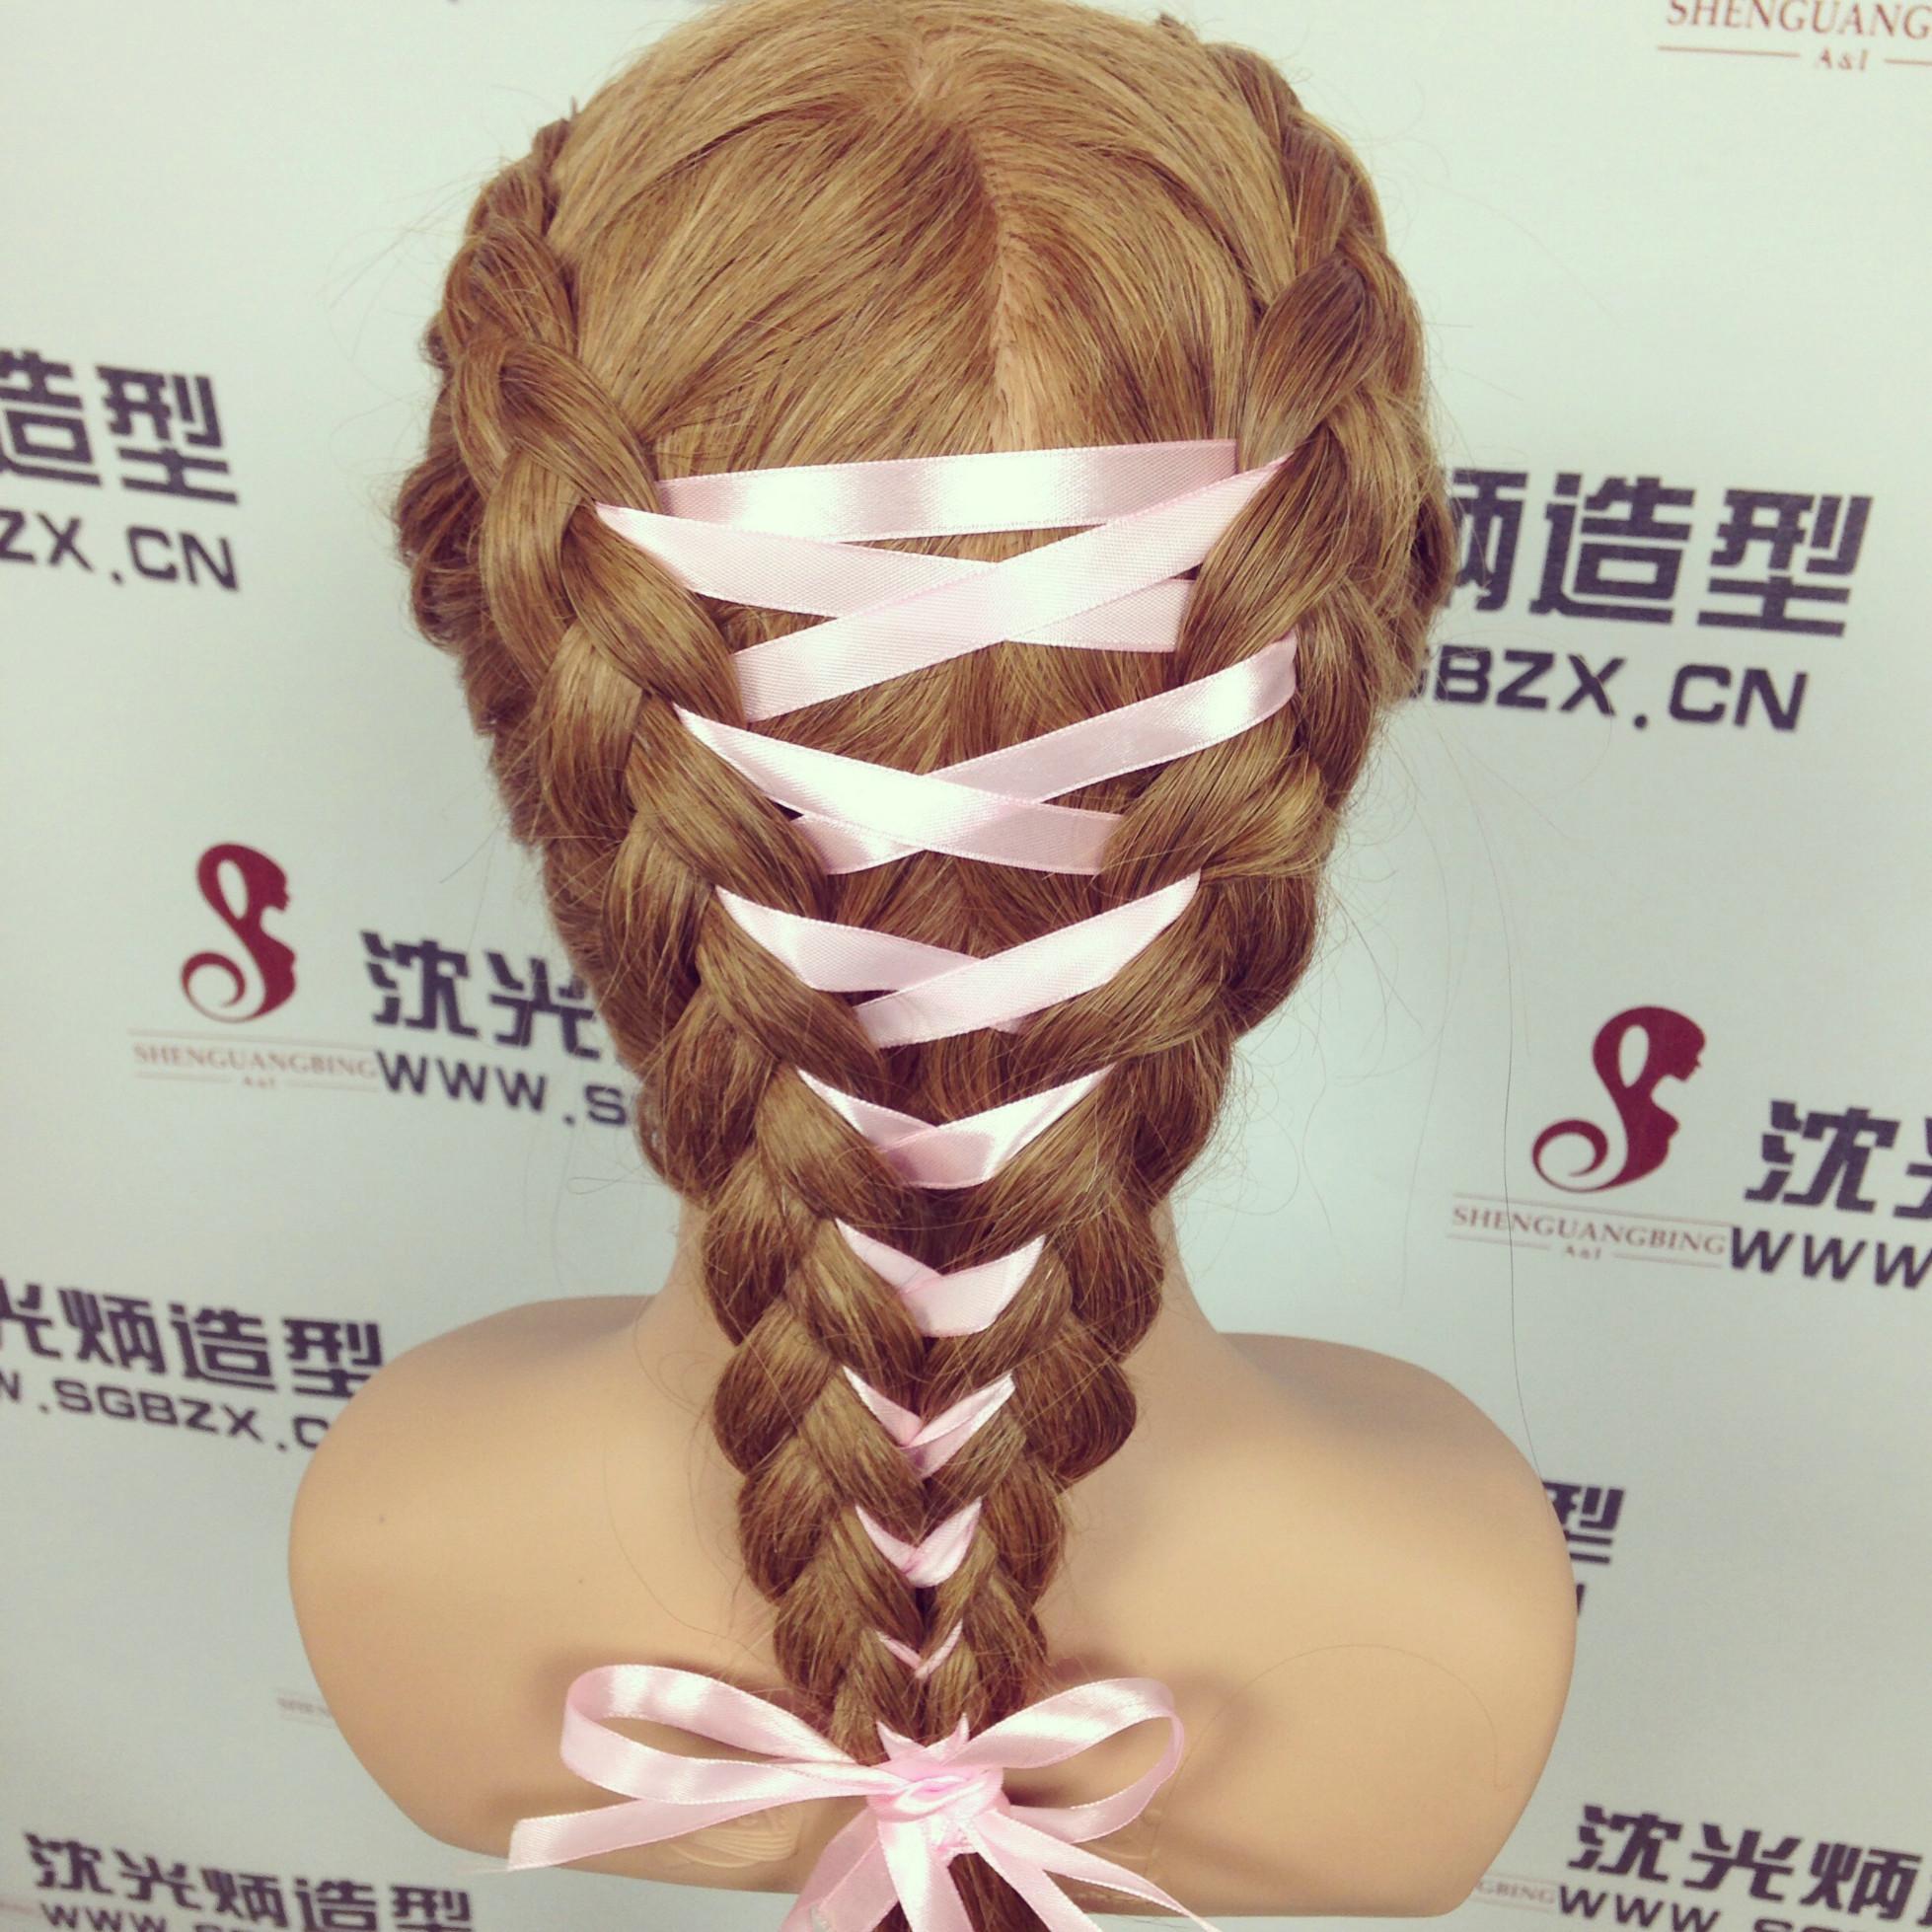 2016彩带编发扎发打造与众不同的非主流发型风格!